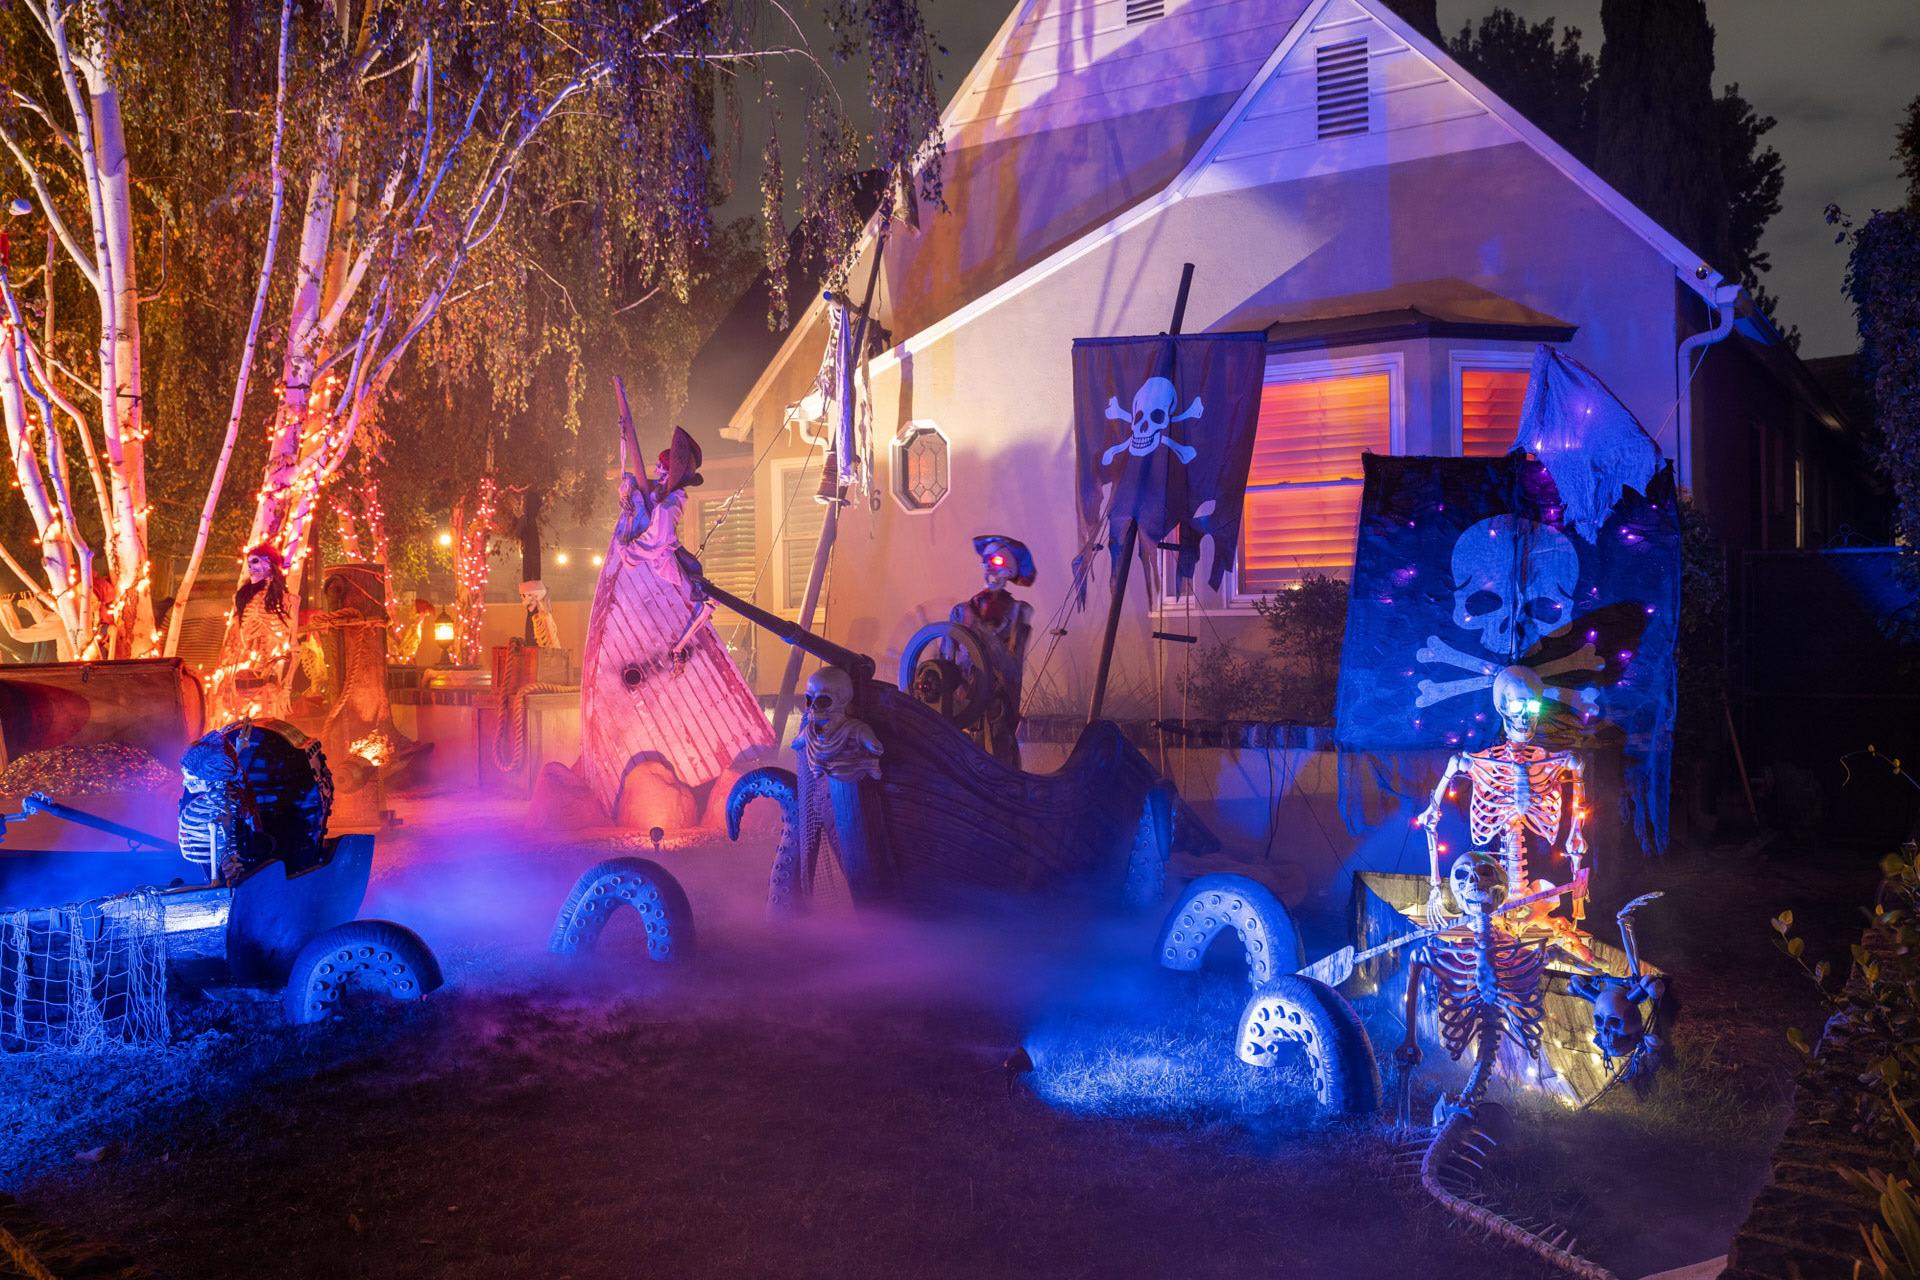 scaring-up-halloween-fun-7